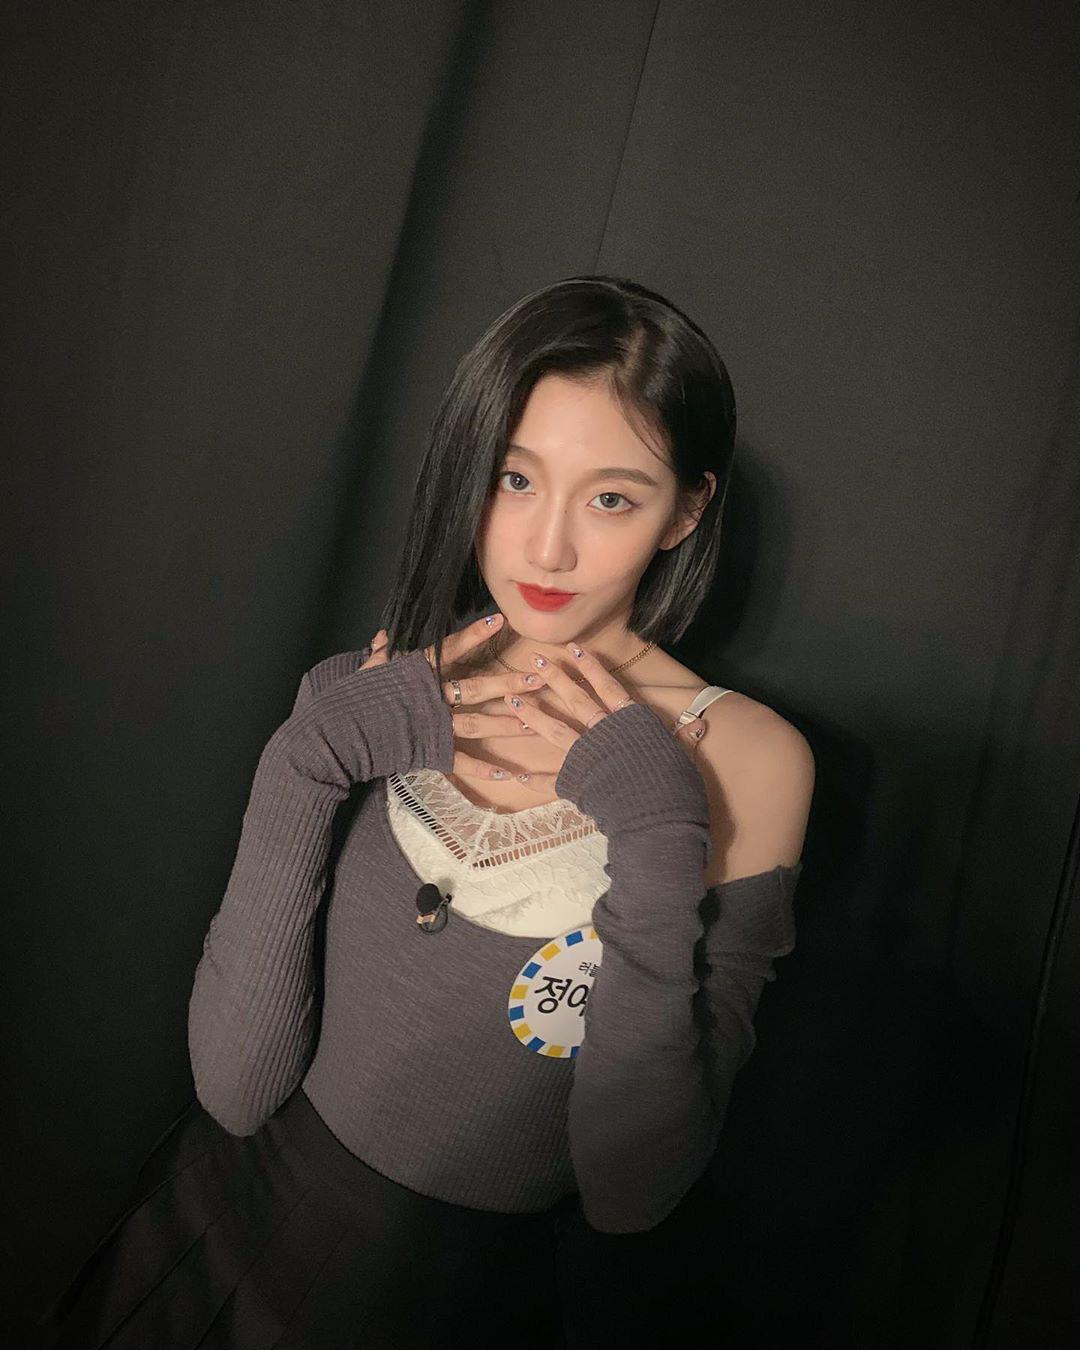 Idol Hàn có tuyệt chiêu kéo lệch áo lả lơi siêu sexy mà vẫn sang chảnh - Ảnh 9.